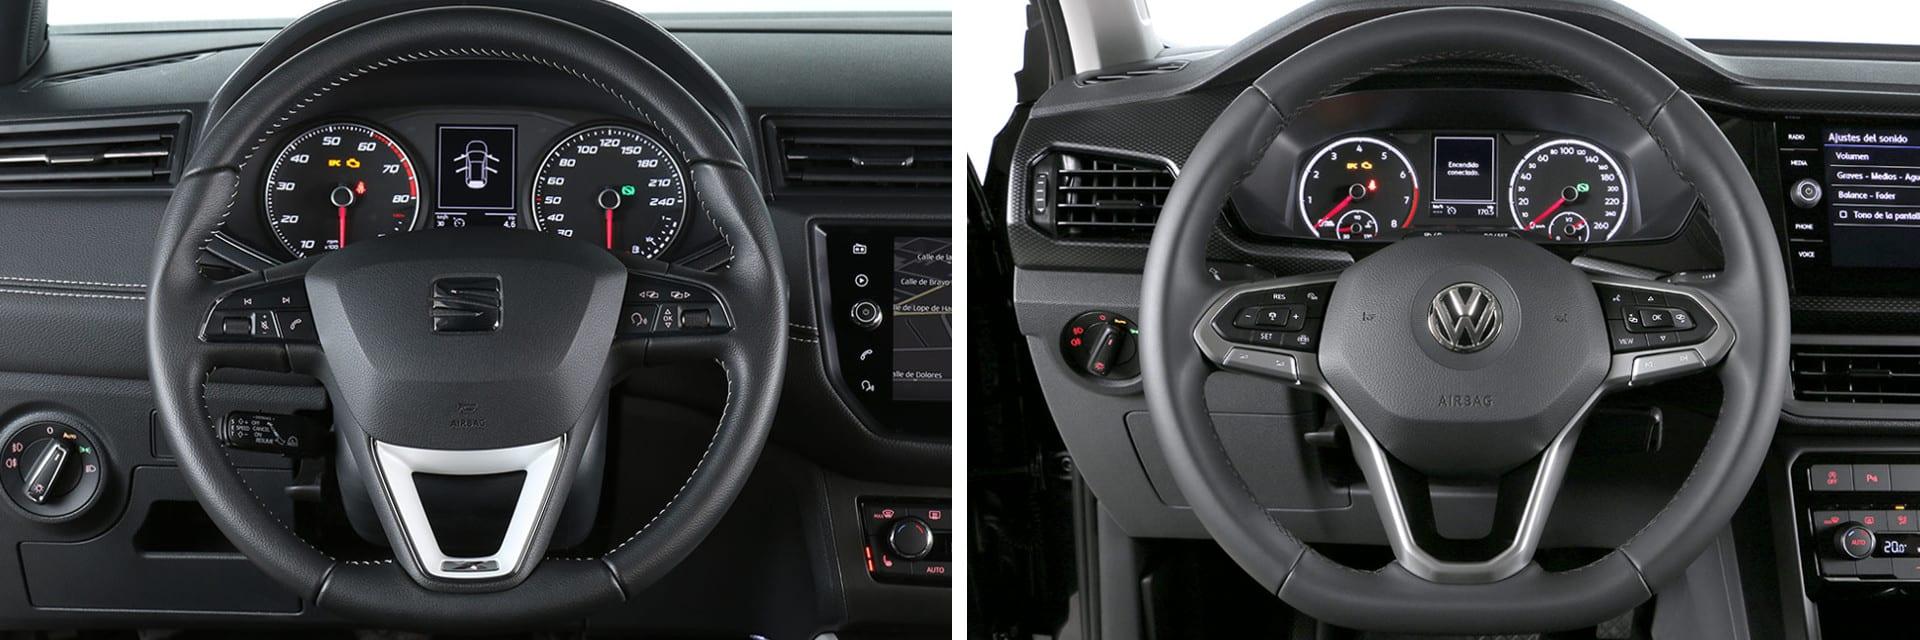 Los volantes de ambos coches son muy parecidos: tienen tres radios y mandos multifunción. / km77